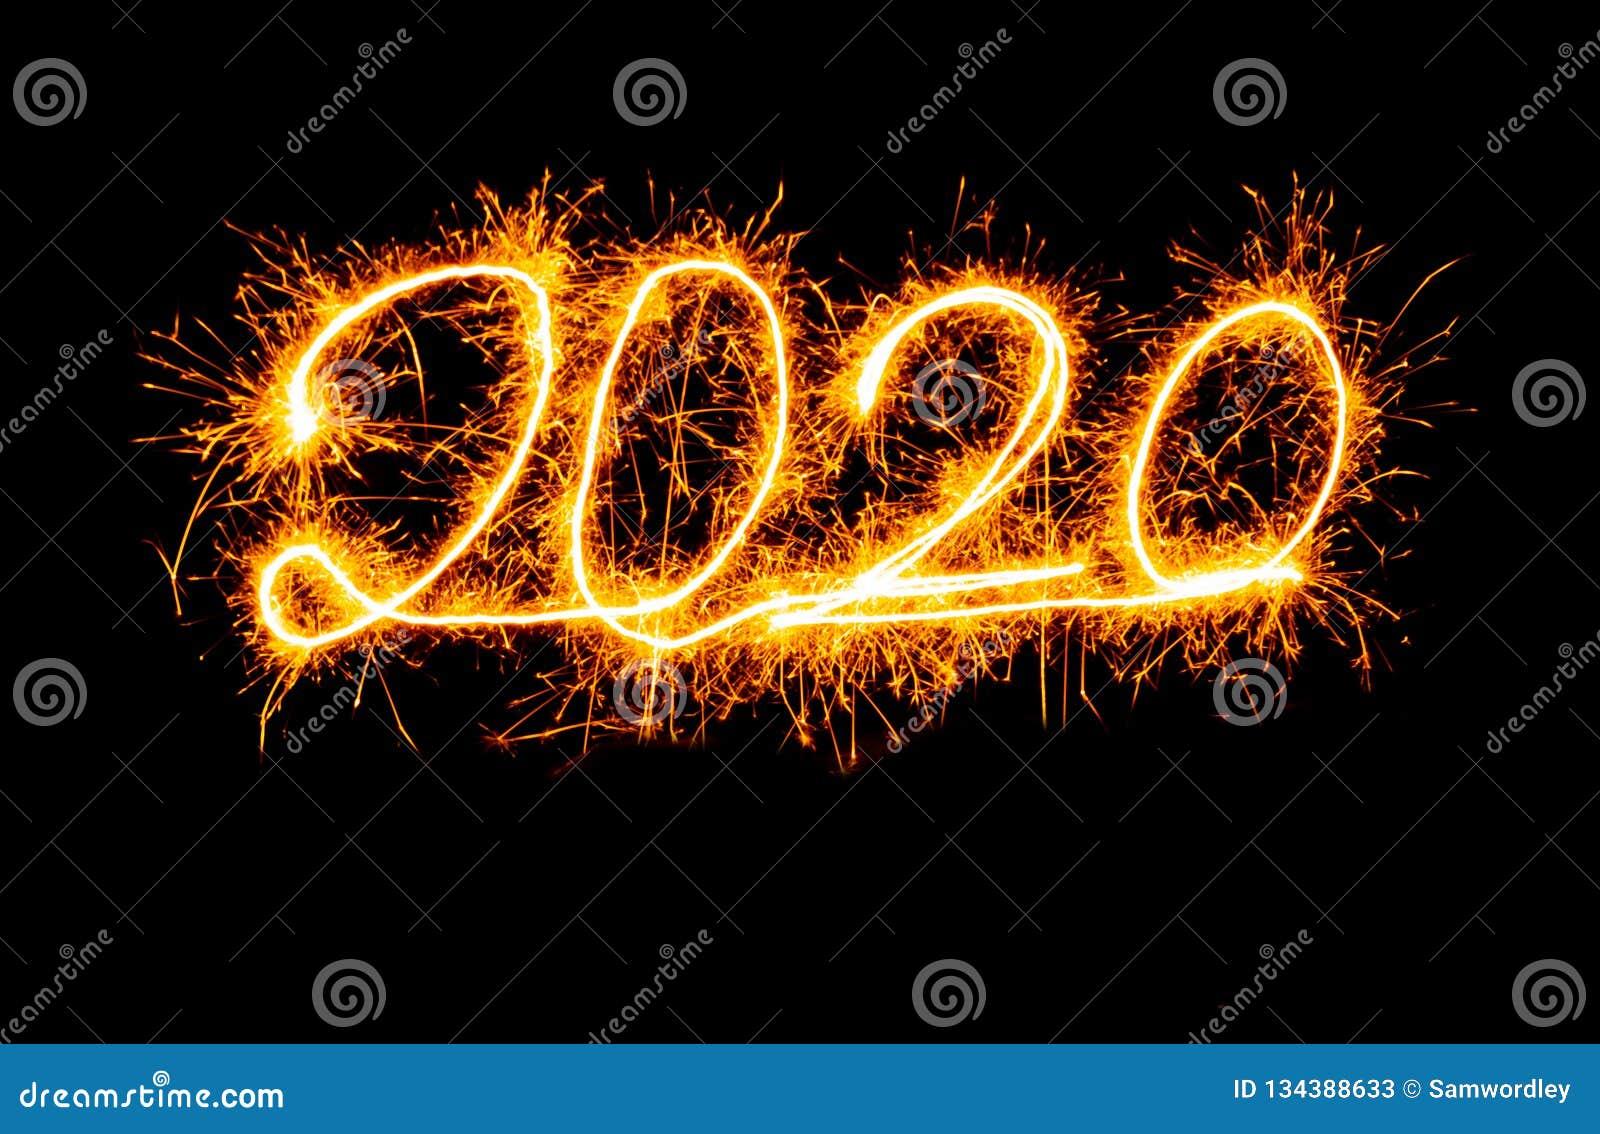 Calendrier Feu D Artifice 2020.Nombres D Or De La Bonne Annee 2020 Ecrits Avec Des Feux D